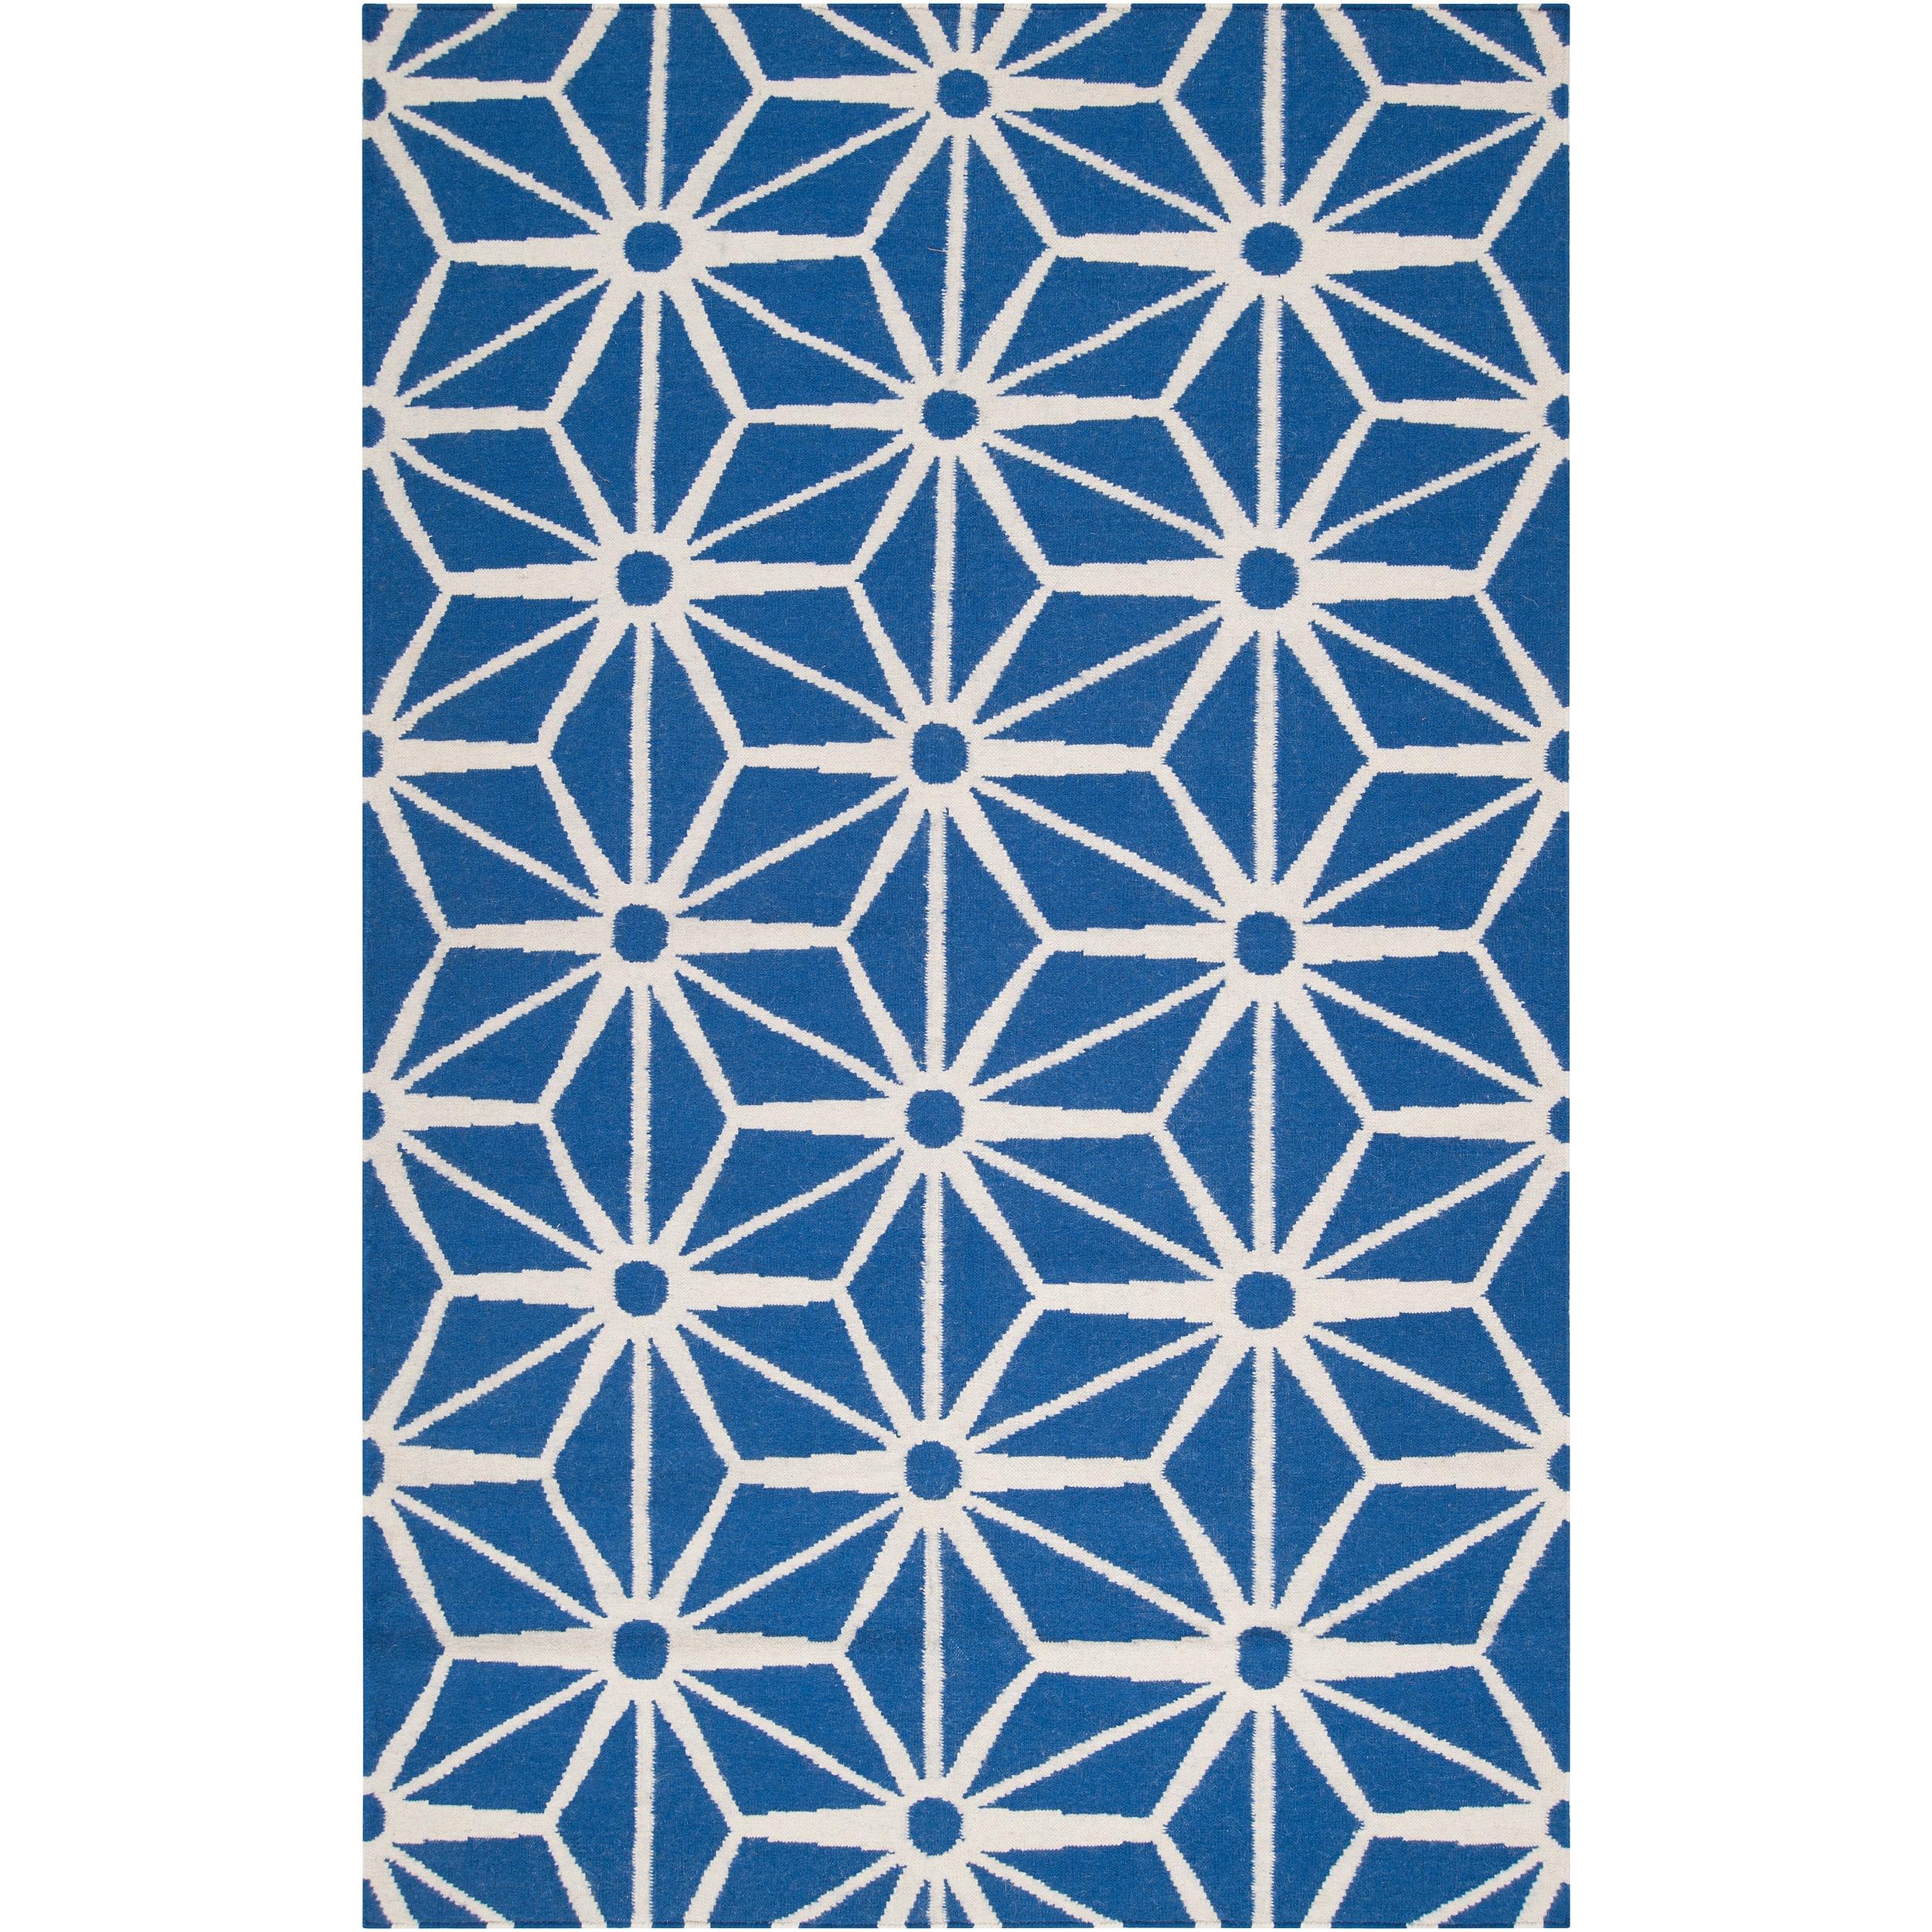 Jill Rosenwald Hand-woven Blue Faller Wool Rug (8' x 11')